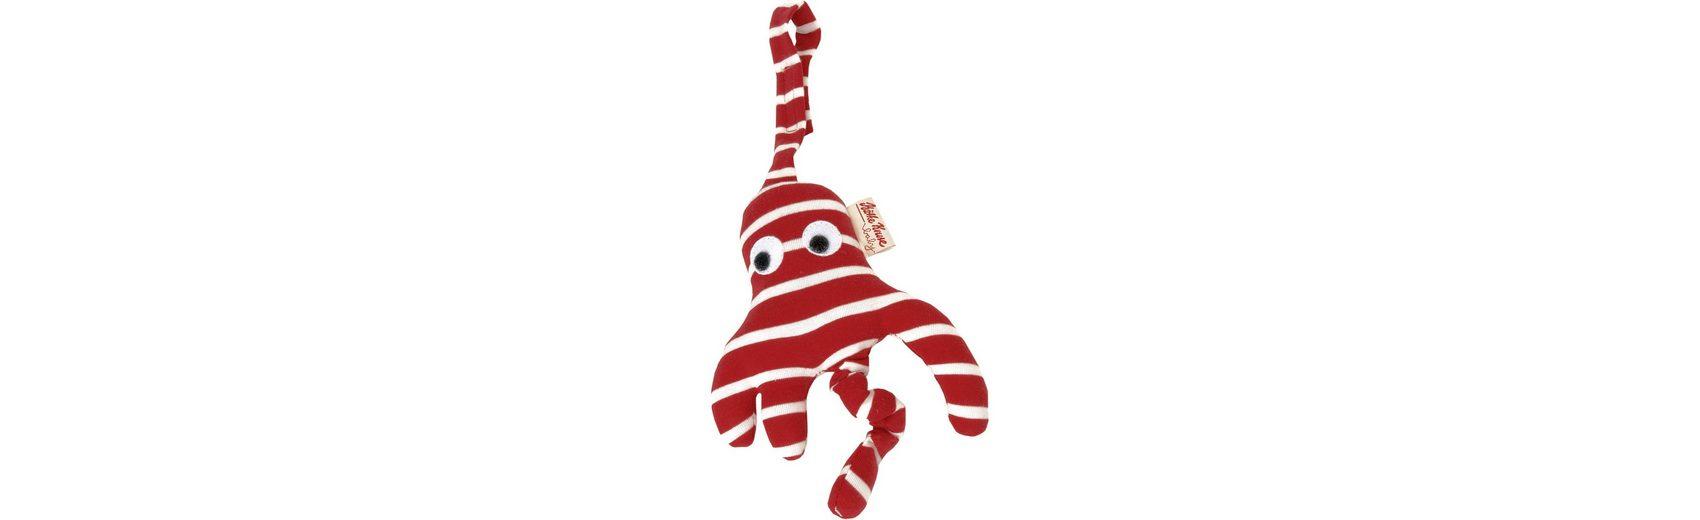 Käthe Kruse Kindersitzanhänger Octopussi rot 17 cm